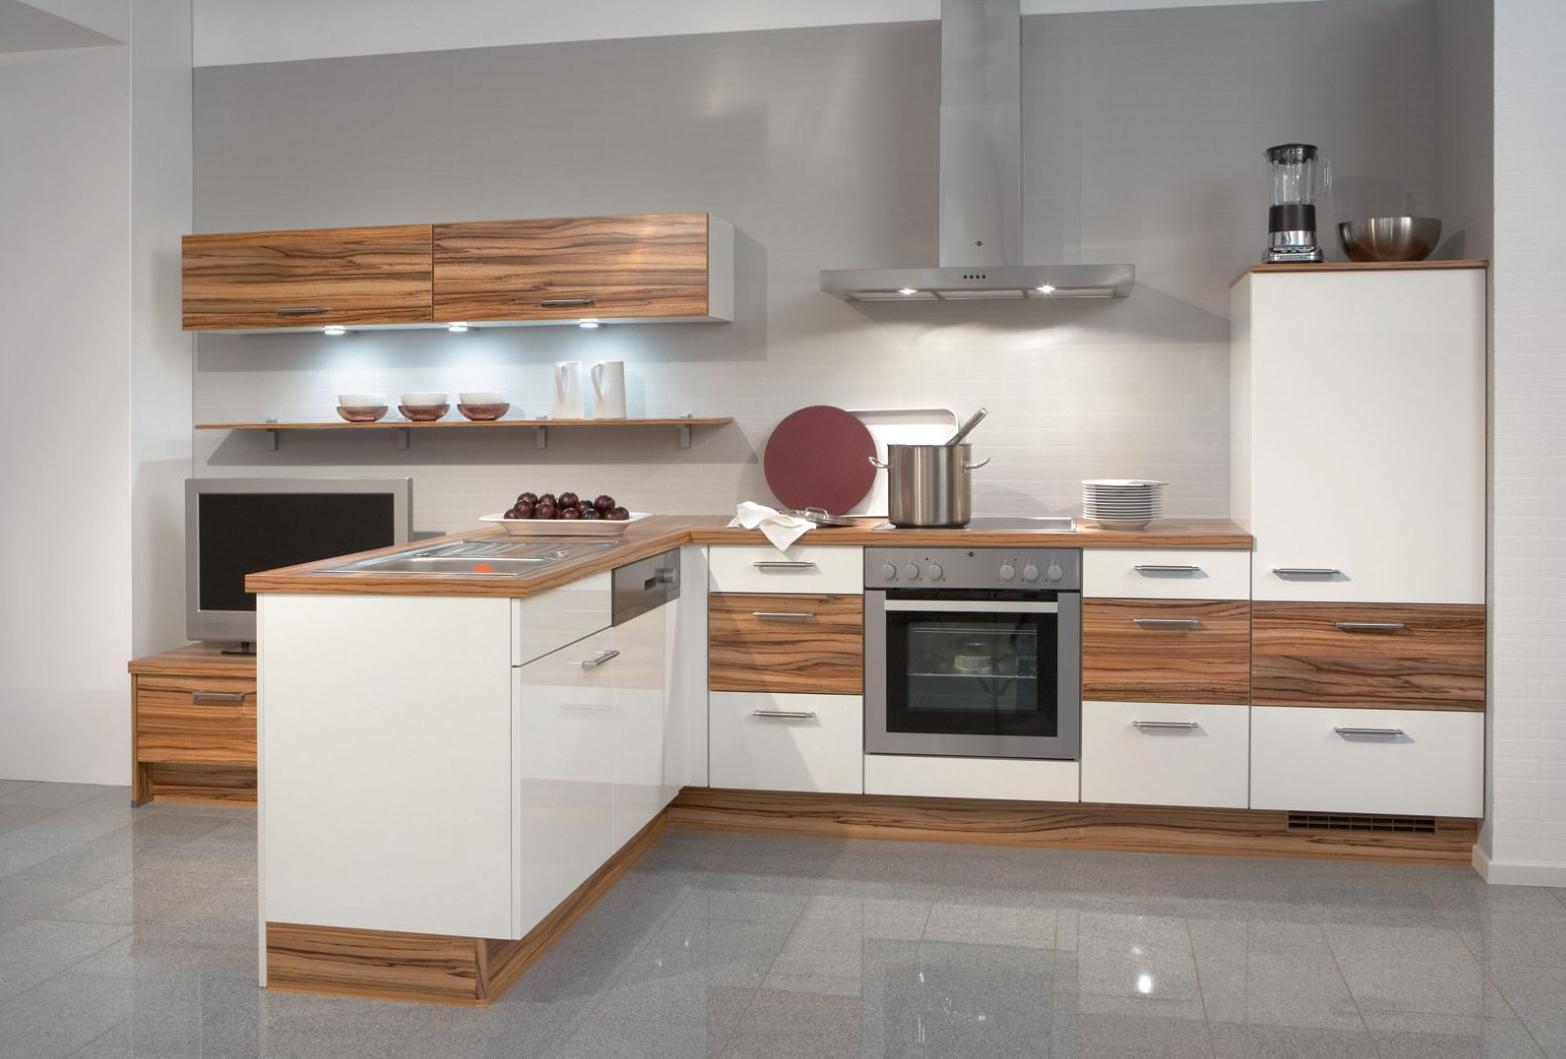 Hermoso cocinas kunchen im genes otro 3922 fabricantes - Fabricantes de cocinas en madrid ...